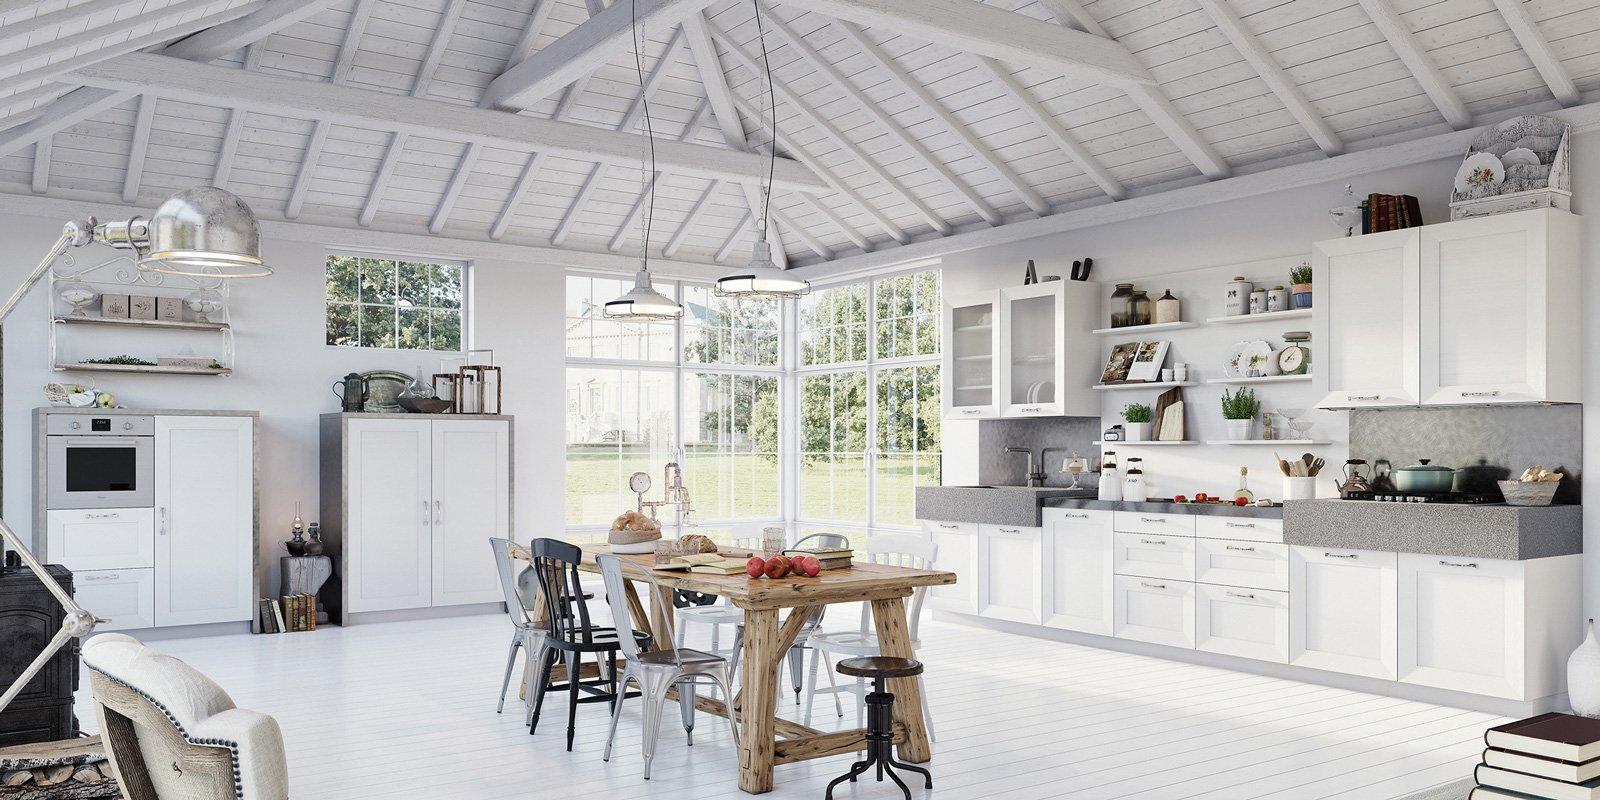 Cucine in legno tradizionali country o moderne cose di casa - Cucina country bianca ...